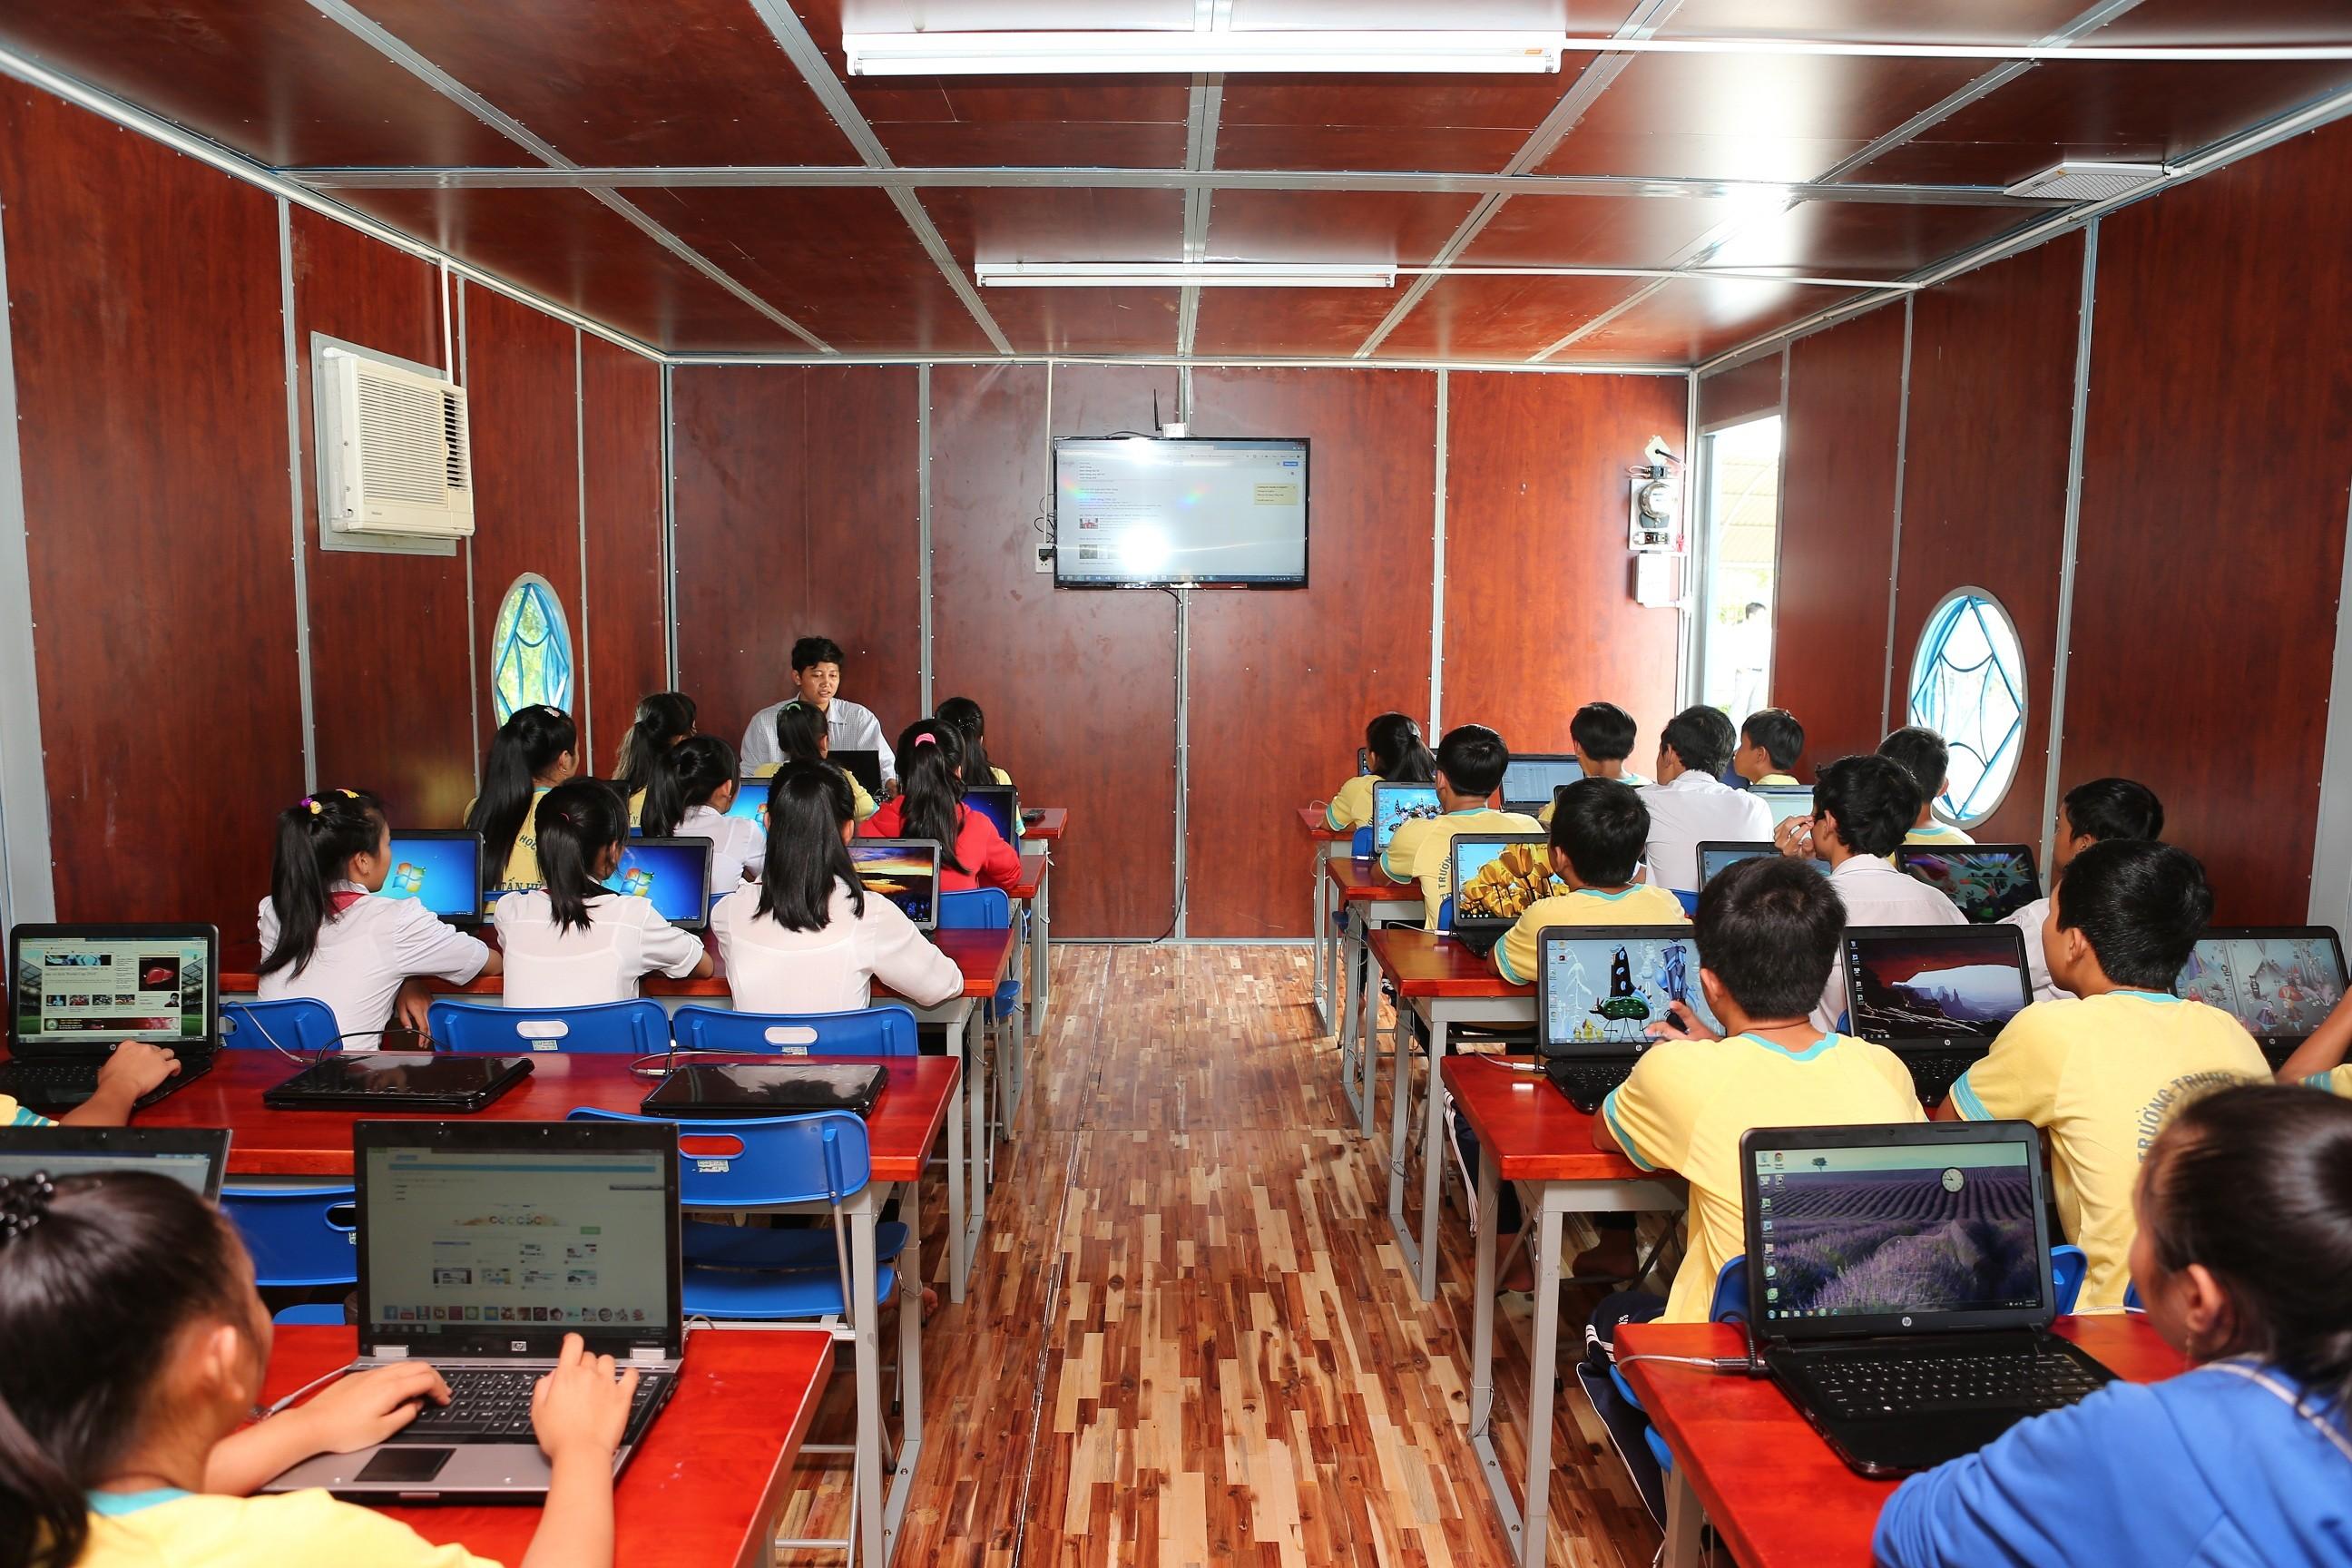 Cac em hoc sinh dang lam quen voi may tinh cua Truong hoc di dong - Intel khánh thành trường học nổi di động thứ 2 tại ĐBSCL